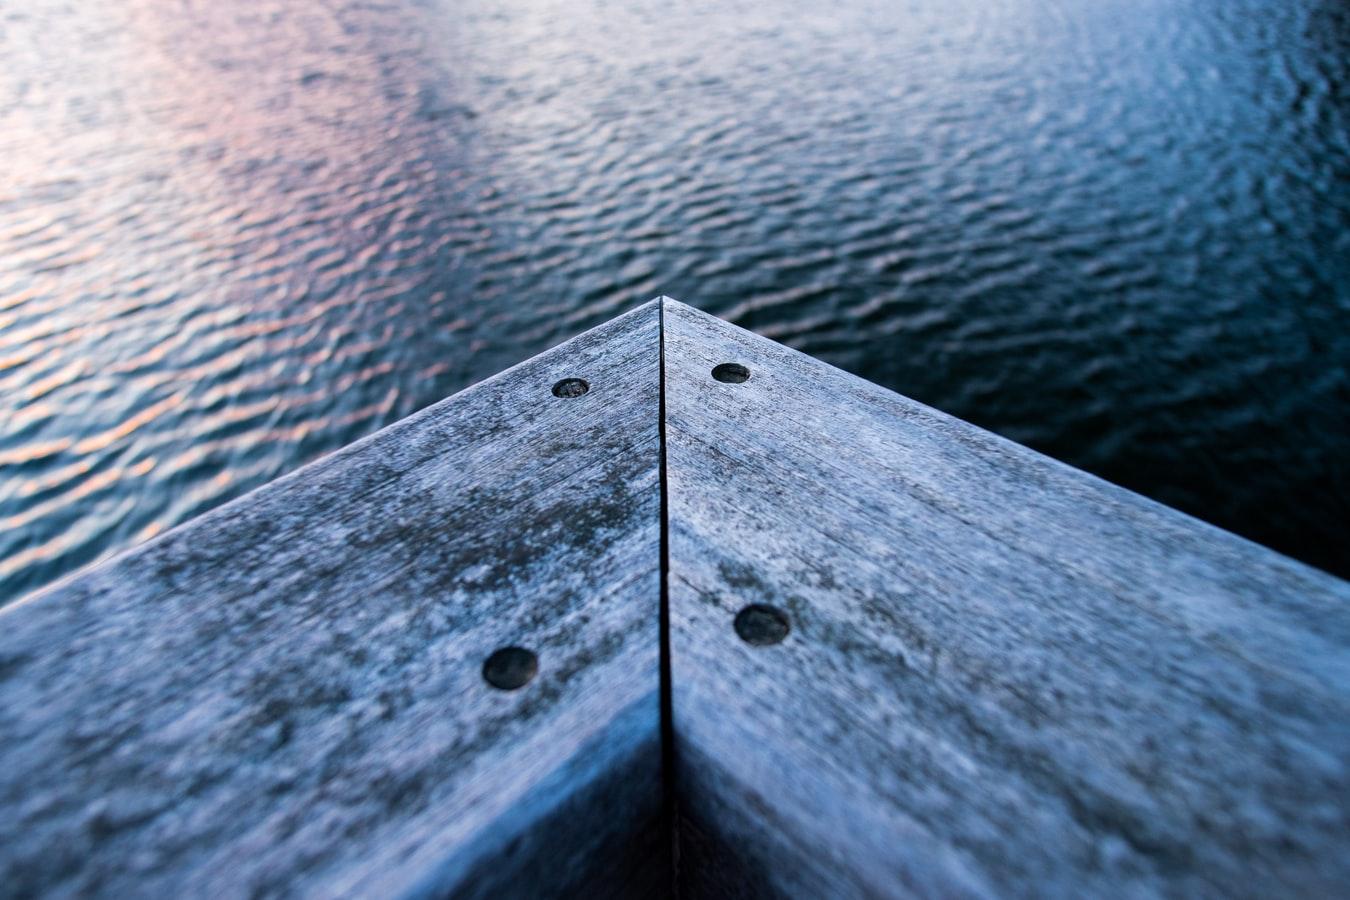 wood deck on lake